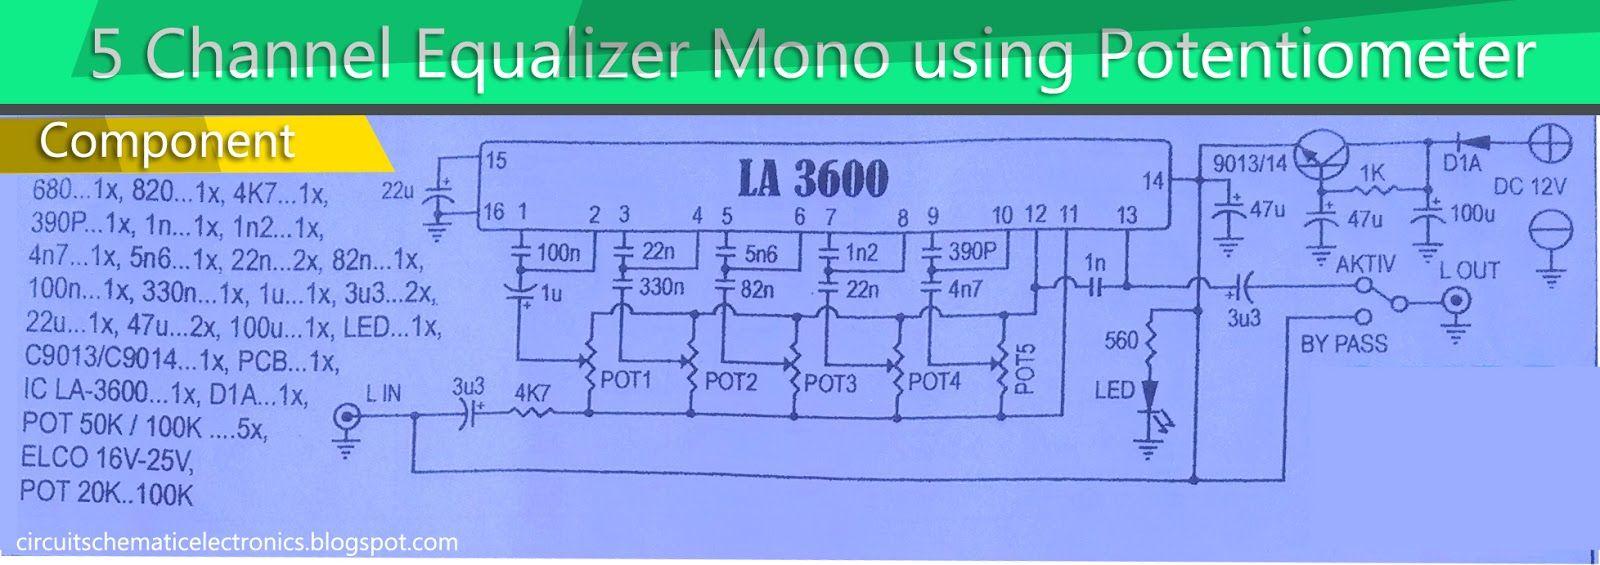 Kvl 3000 plus user manual